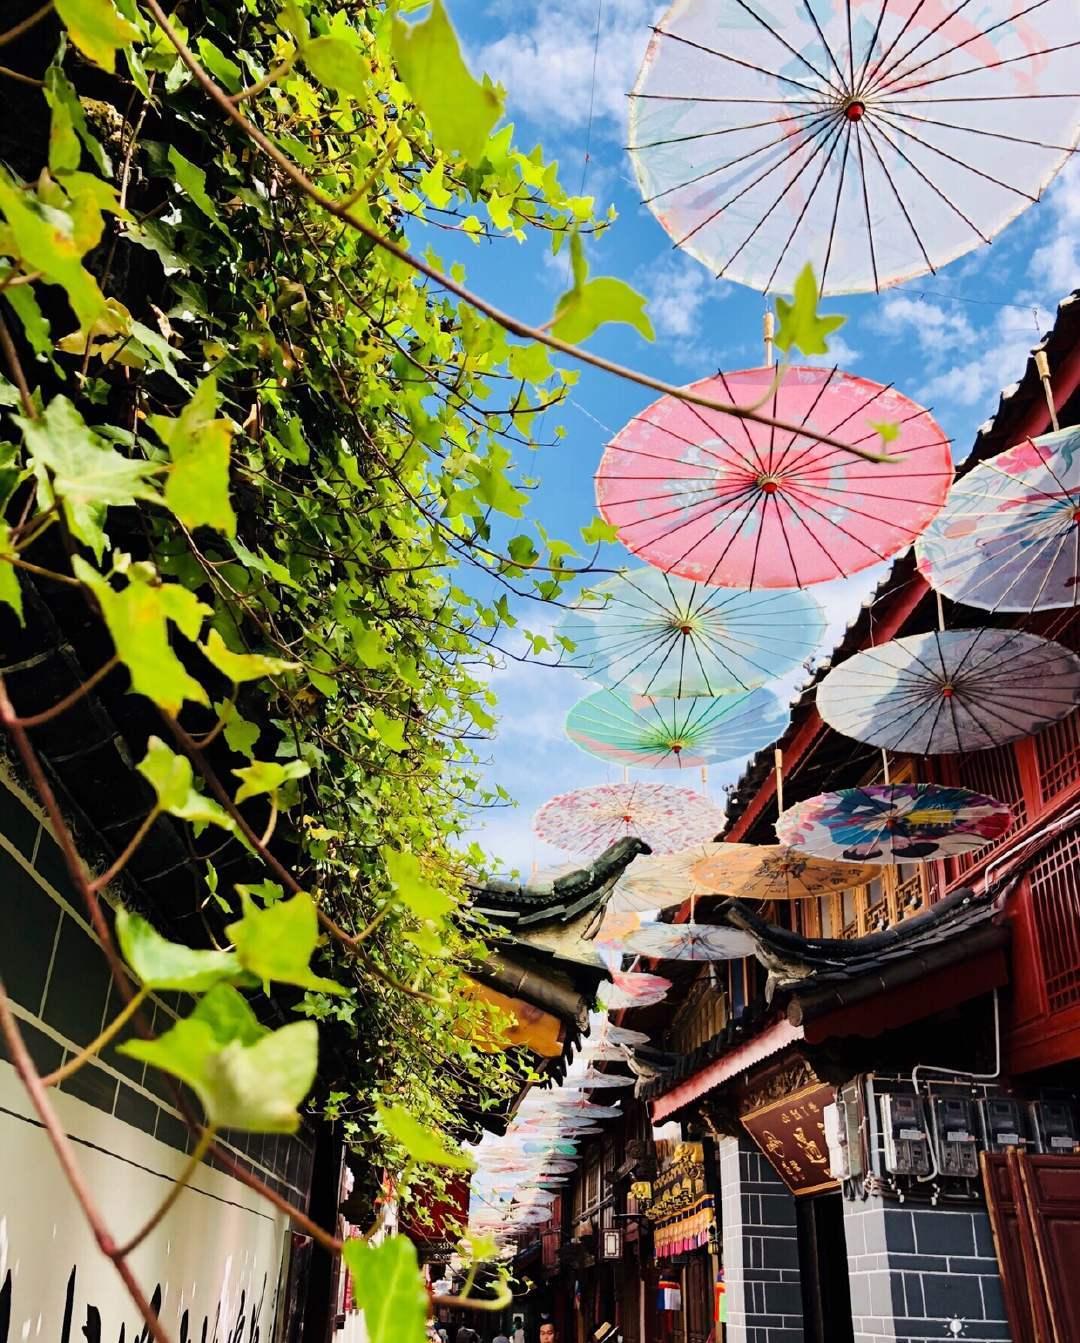 湖北到丽江旅游攻略-我来自湖北皇岗。去丽江要多少钱? ?